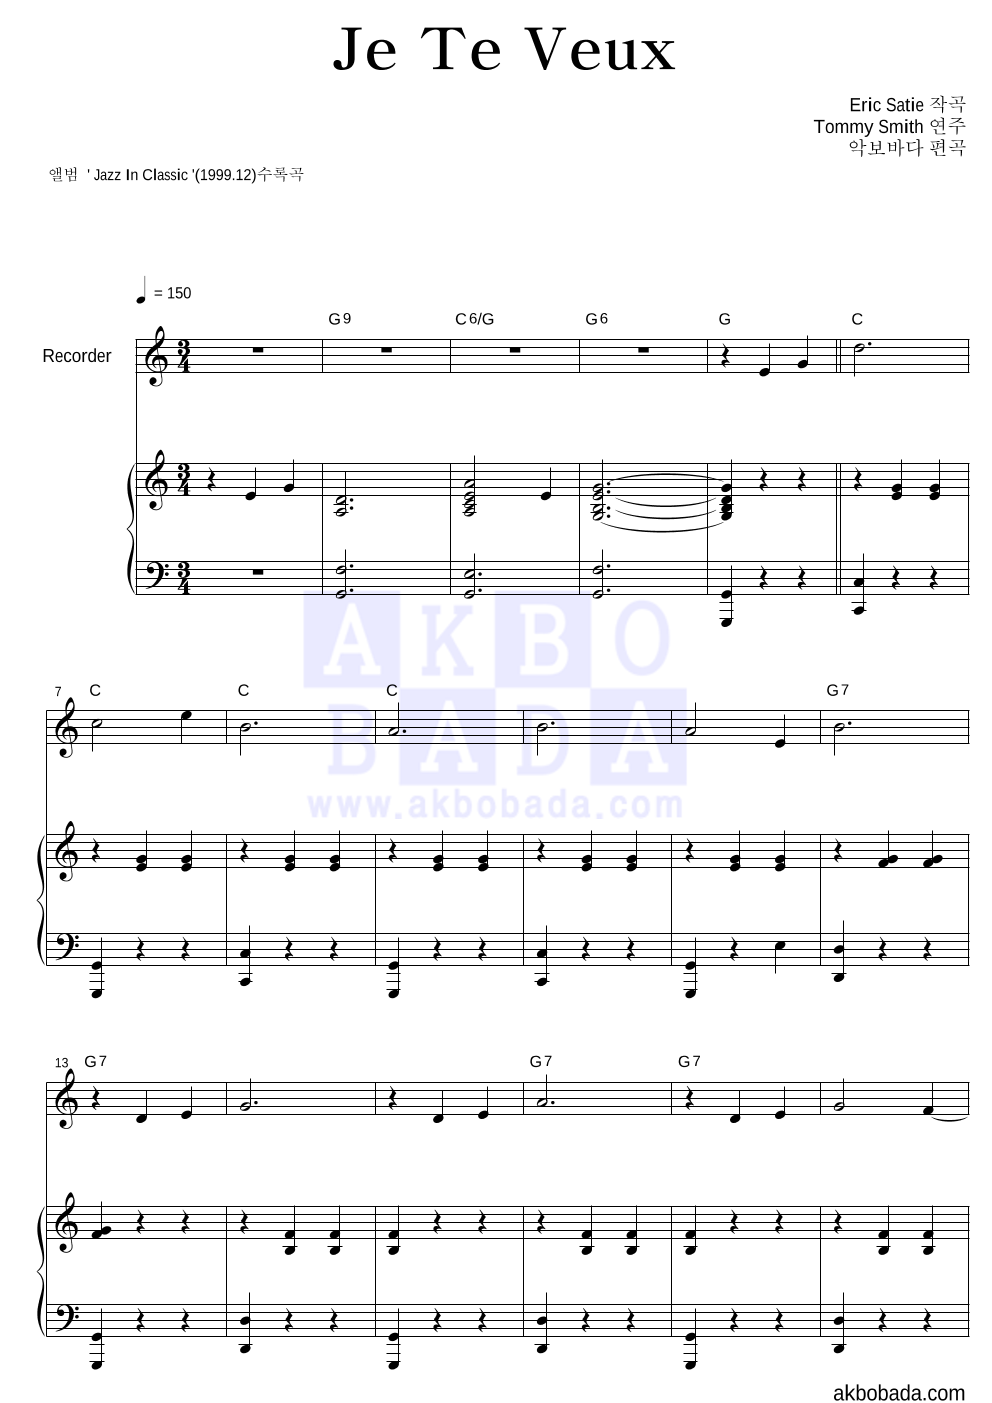 에릭 사티 - Je Te Veux 리코더&피아노 악보